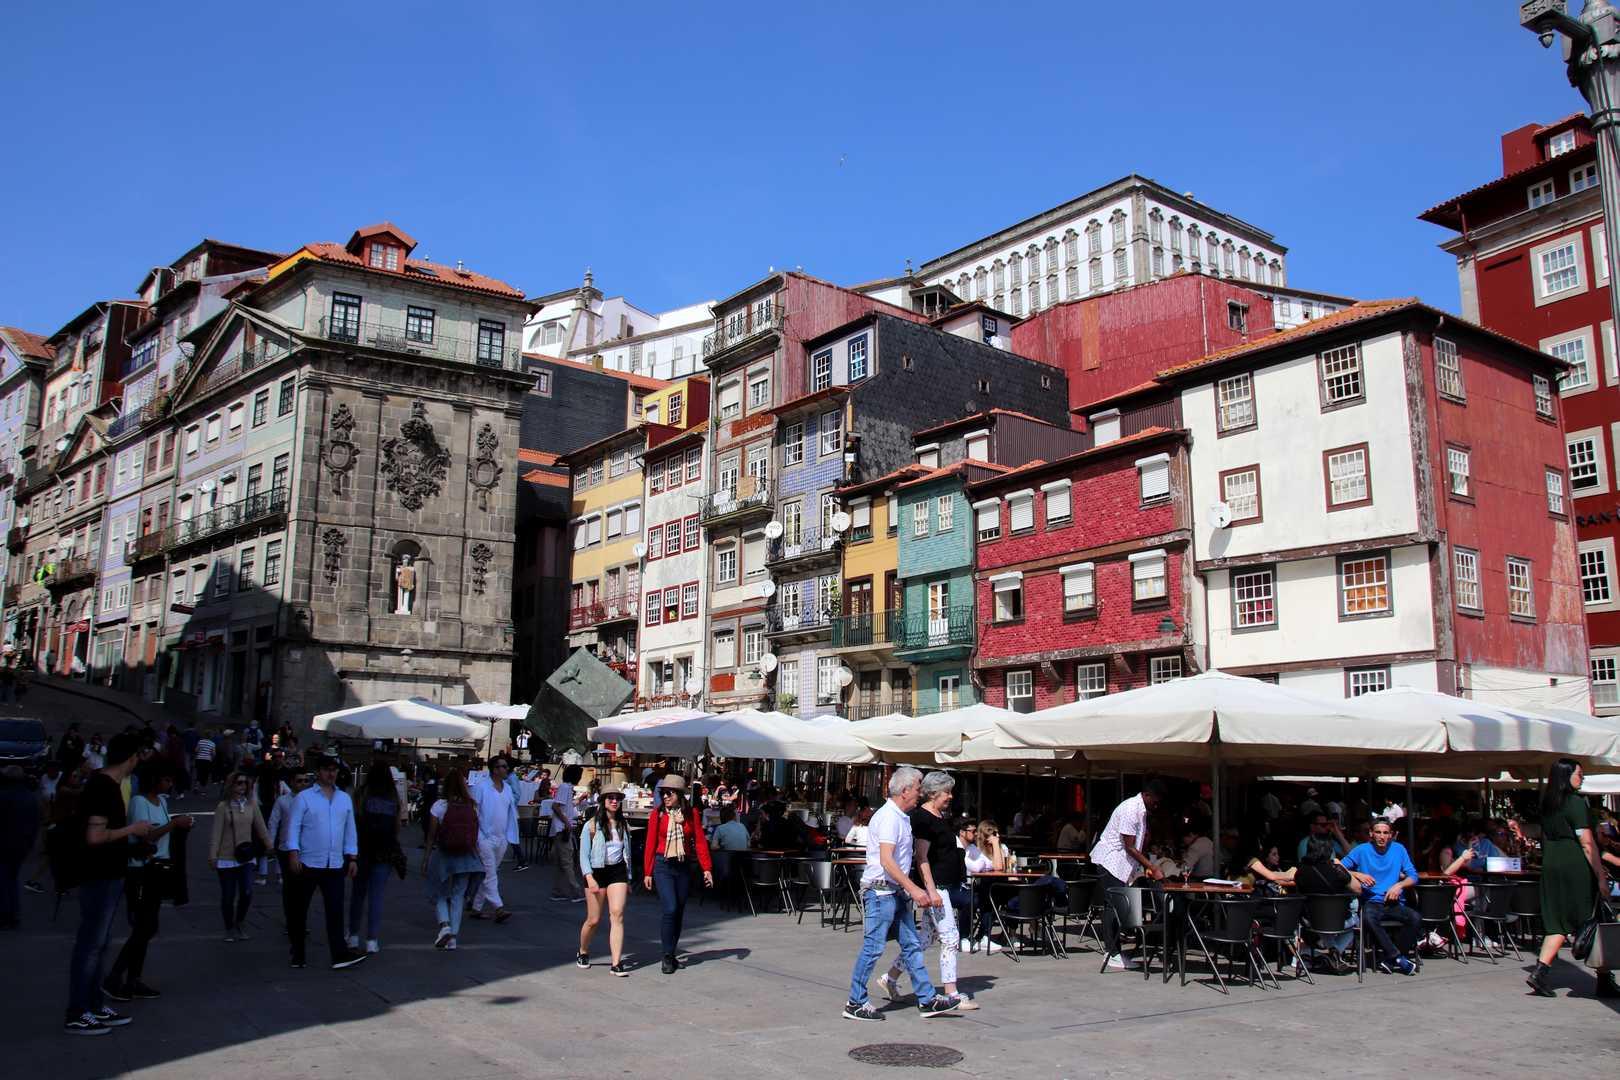 Portugal - Maisons colorées du quartier Miragaia à Porto